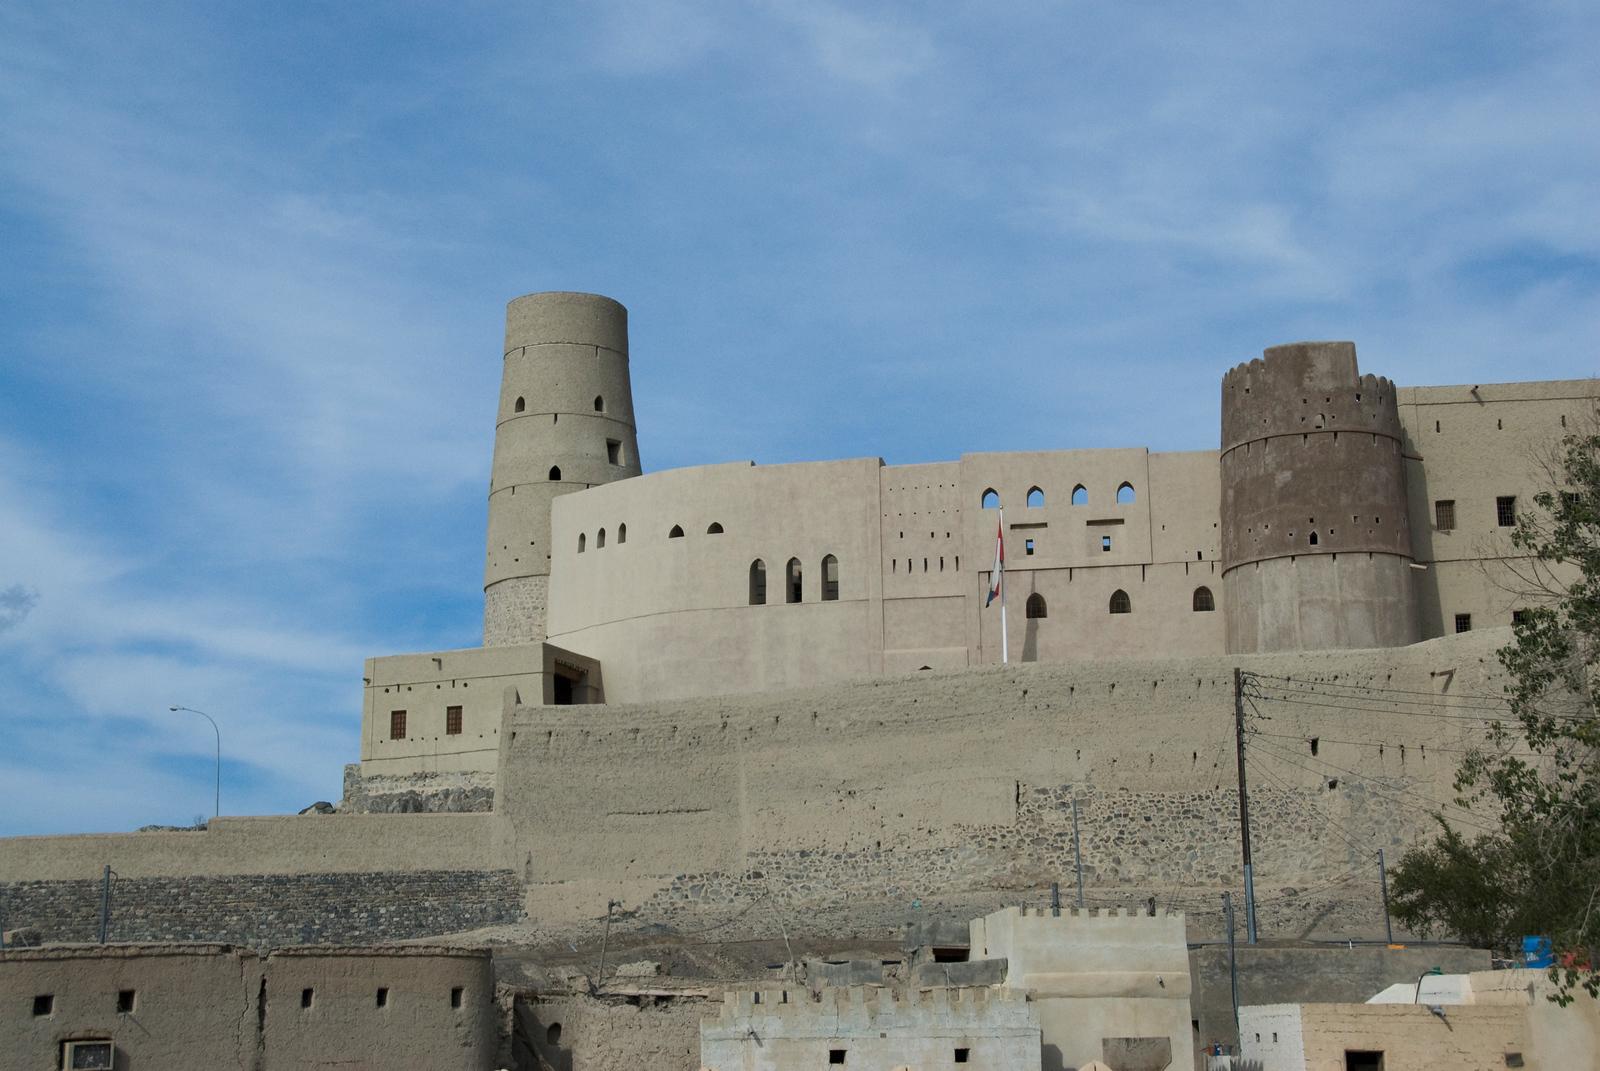 Bahla Fort - UNESCO World Heritage Site